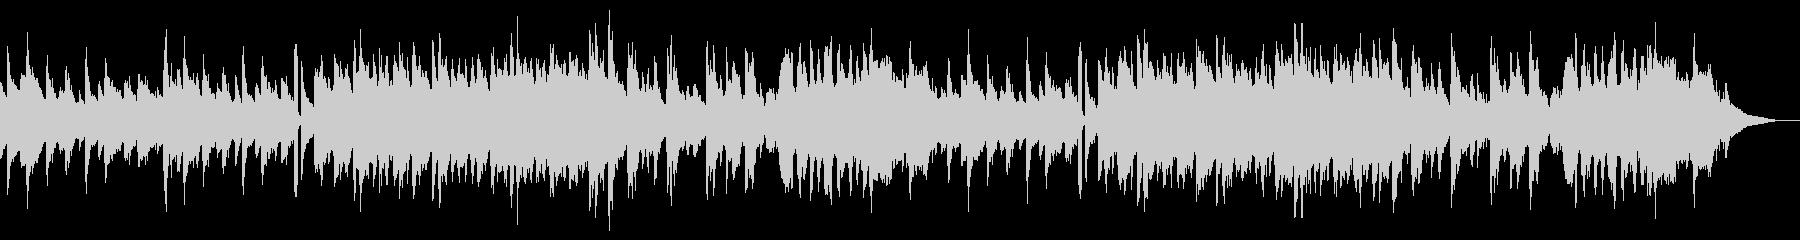 アコーディオンメインのゆったりとした曲の未再生の波形